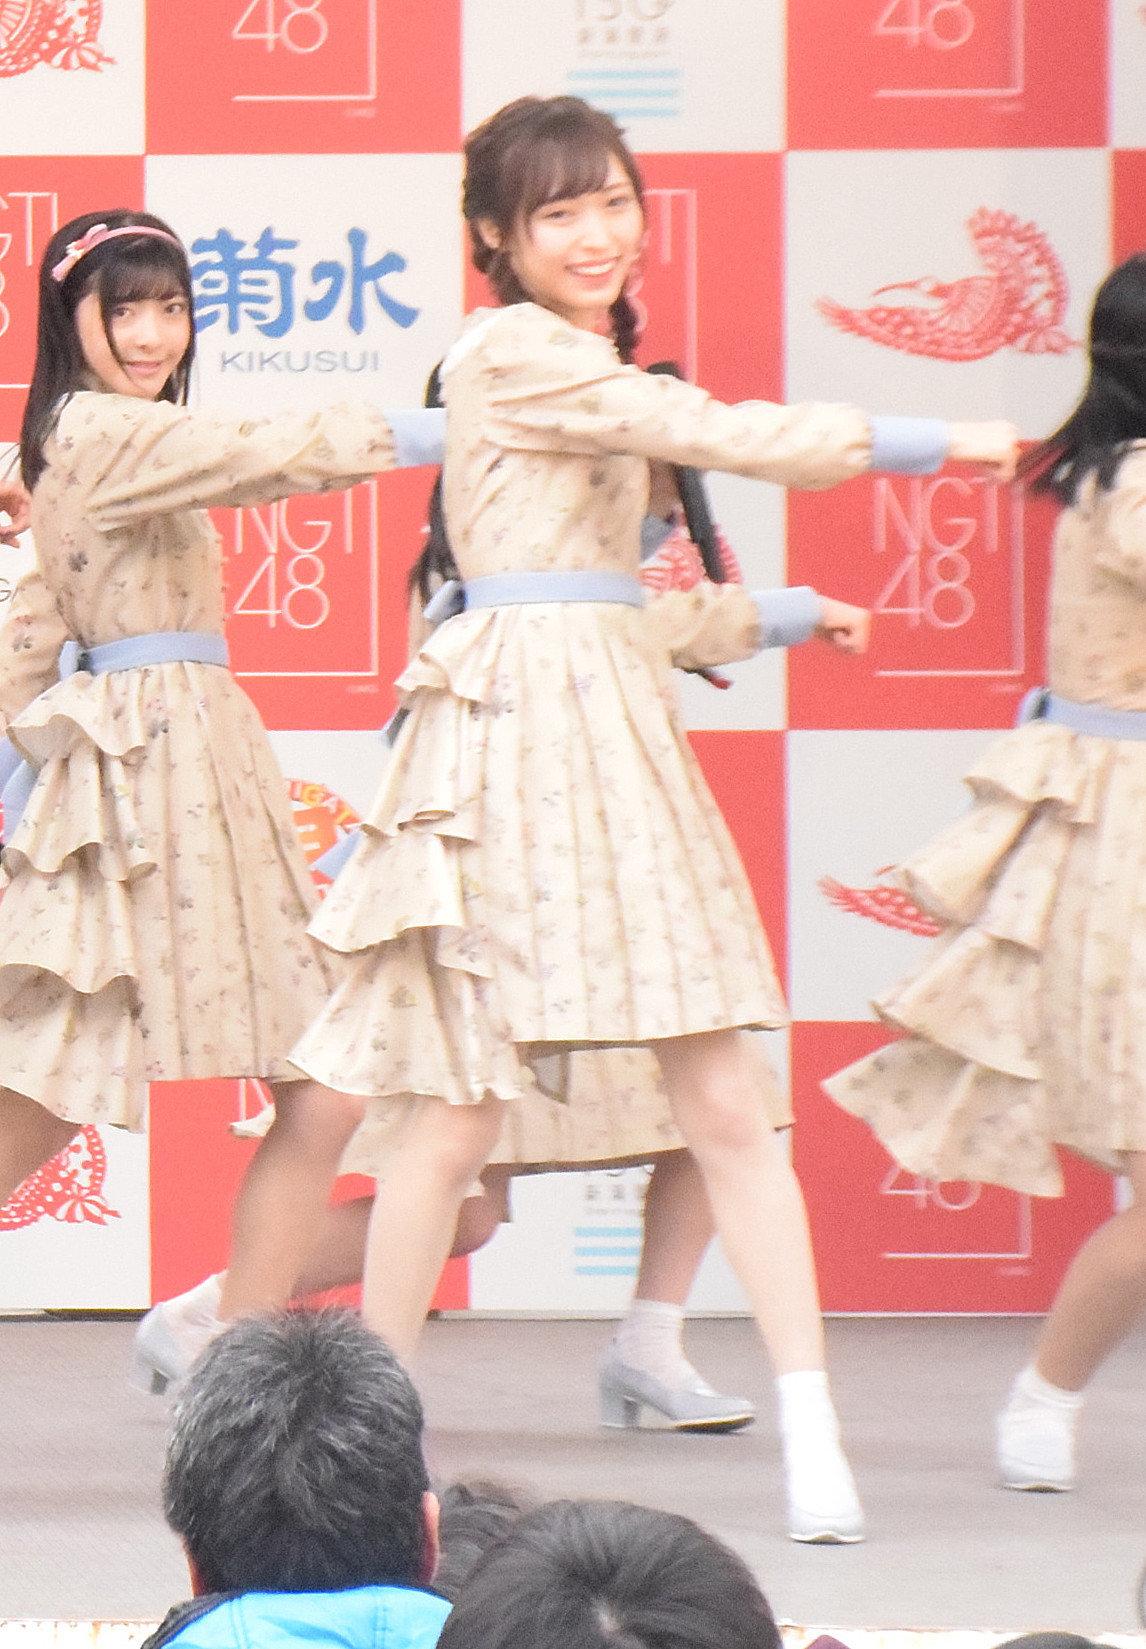 山口真帆さん、NGT48卒業を発表「正しいことをしている人が損をしてしまう世の中ではあってはいけない」【コメント全文】